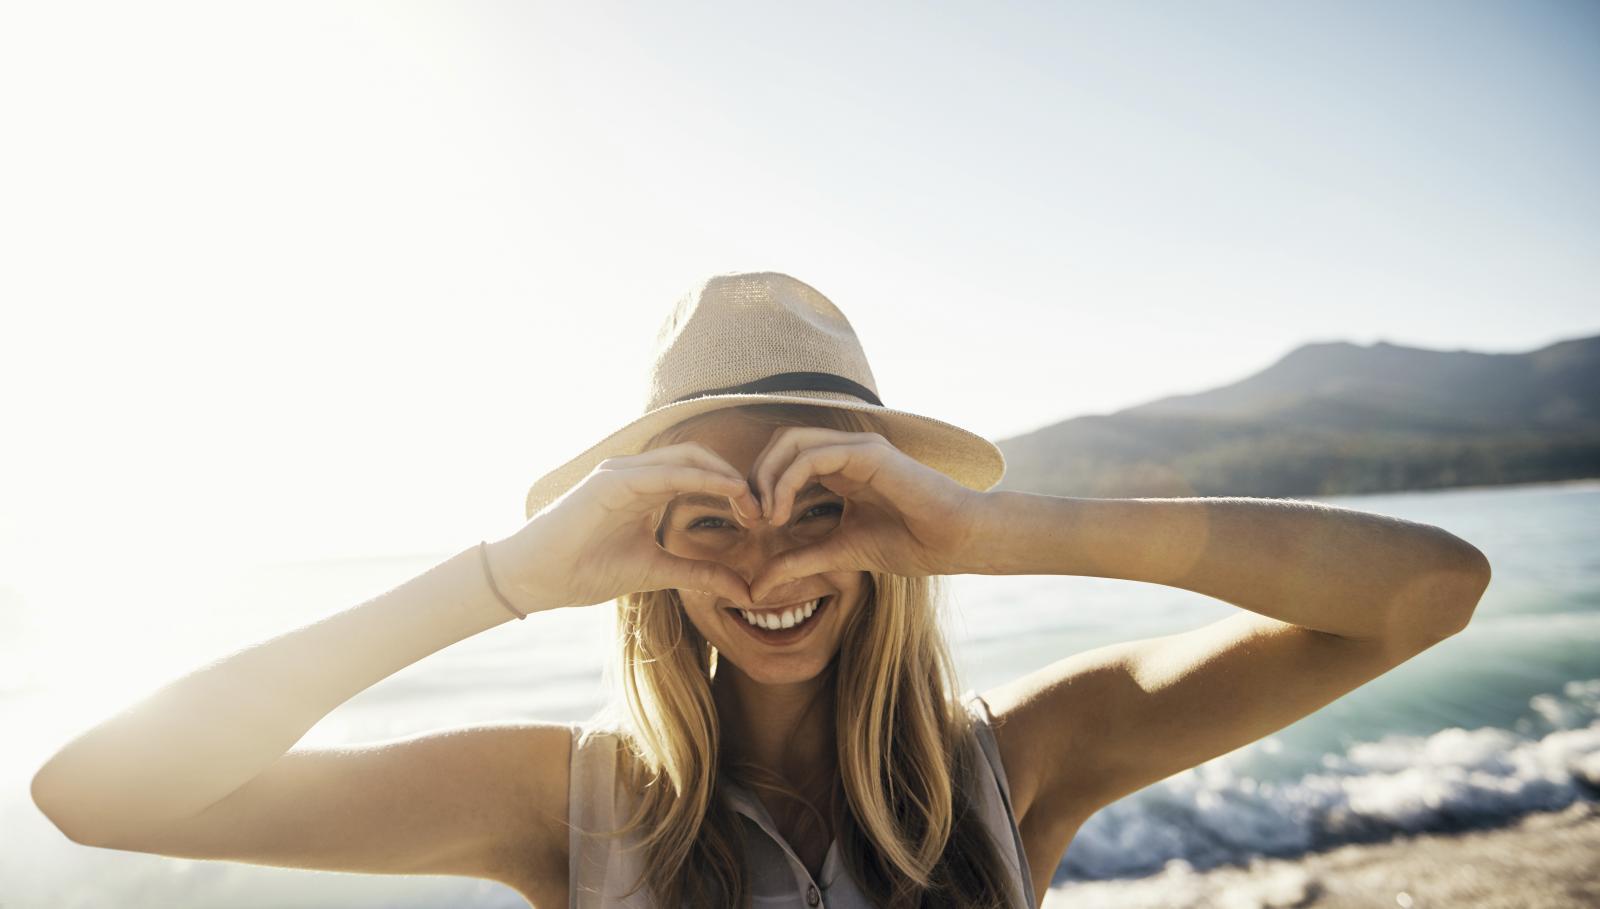 Više ne morate tražiti dalje - uz ove savjete naučit ćete sve što trebate znati o zaštiti kože od štetnih sunčevih zraka.